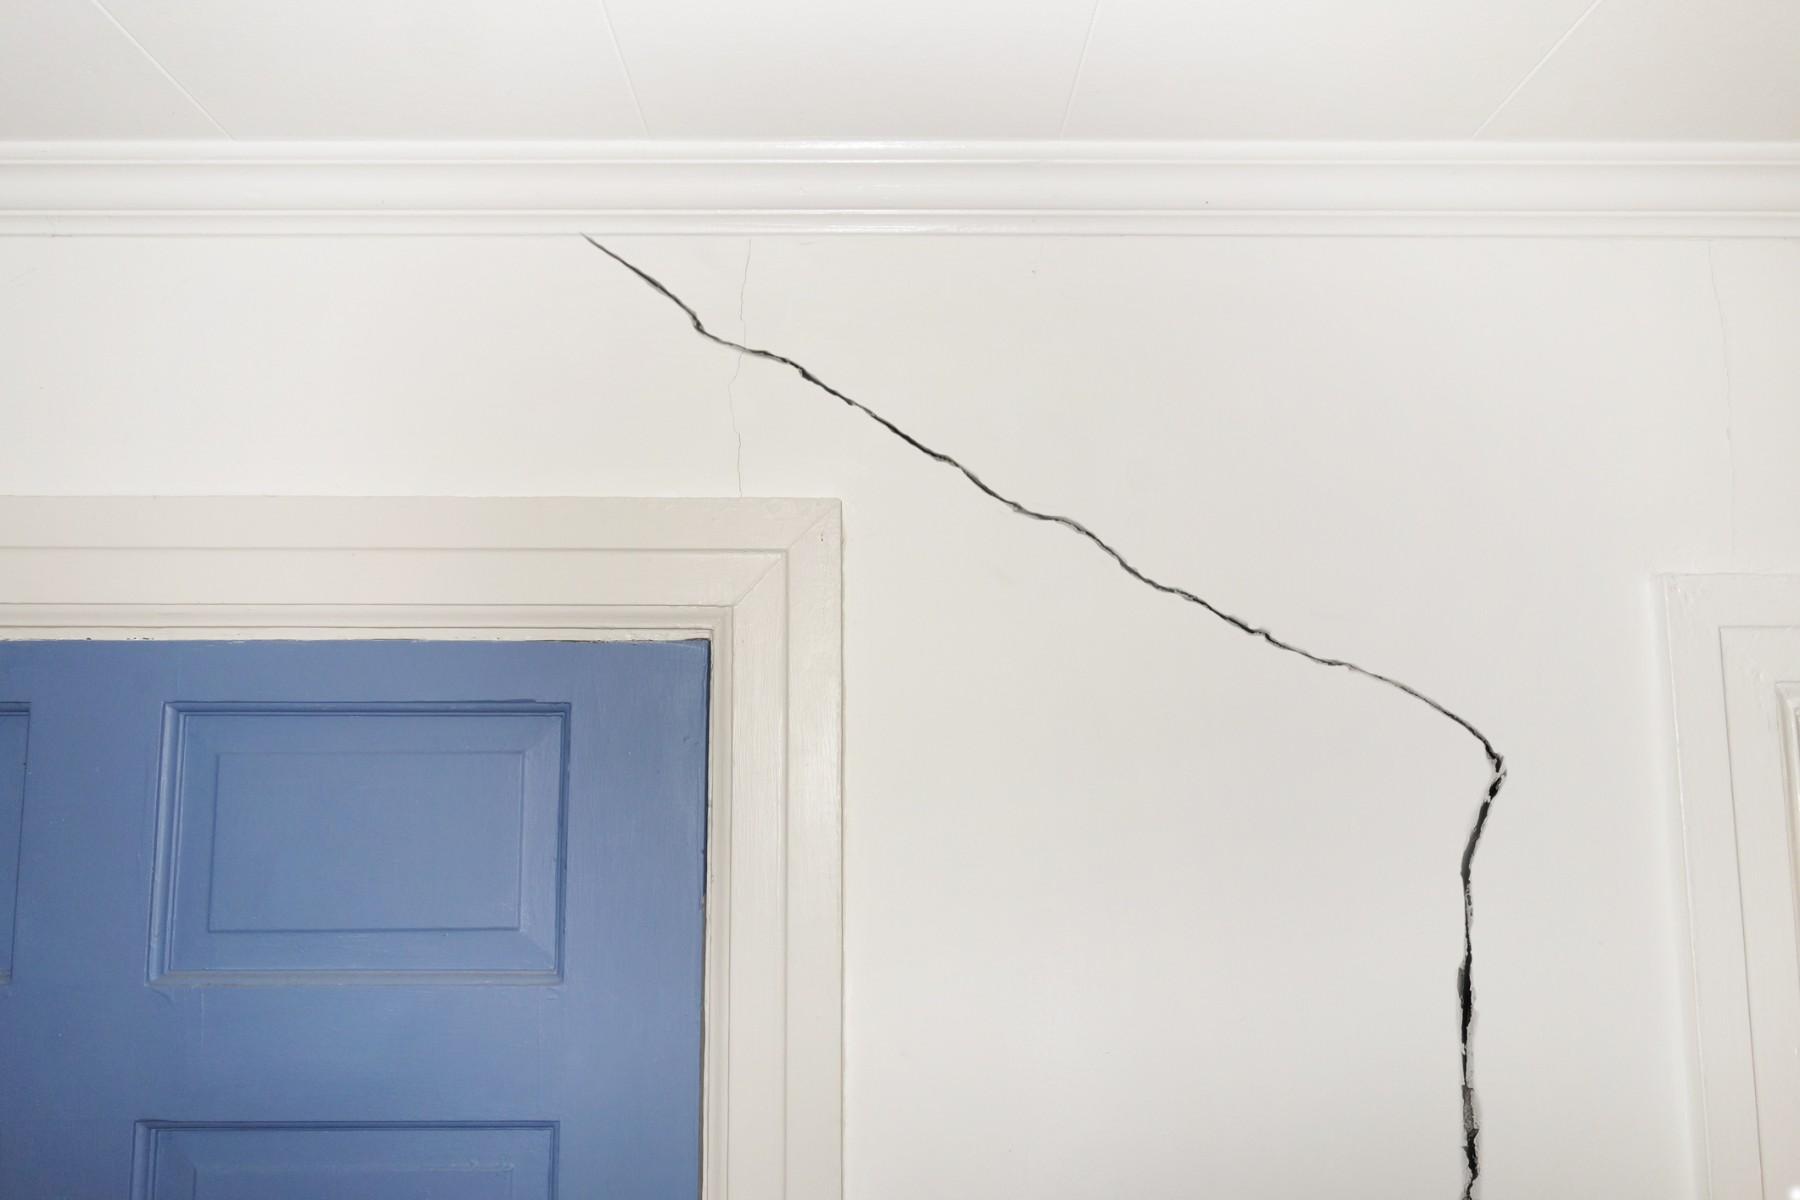 Rachaduras nas paredes: saiba quando você deve se preocupar!